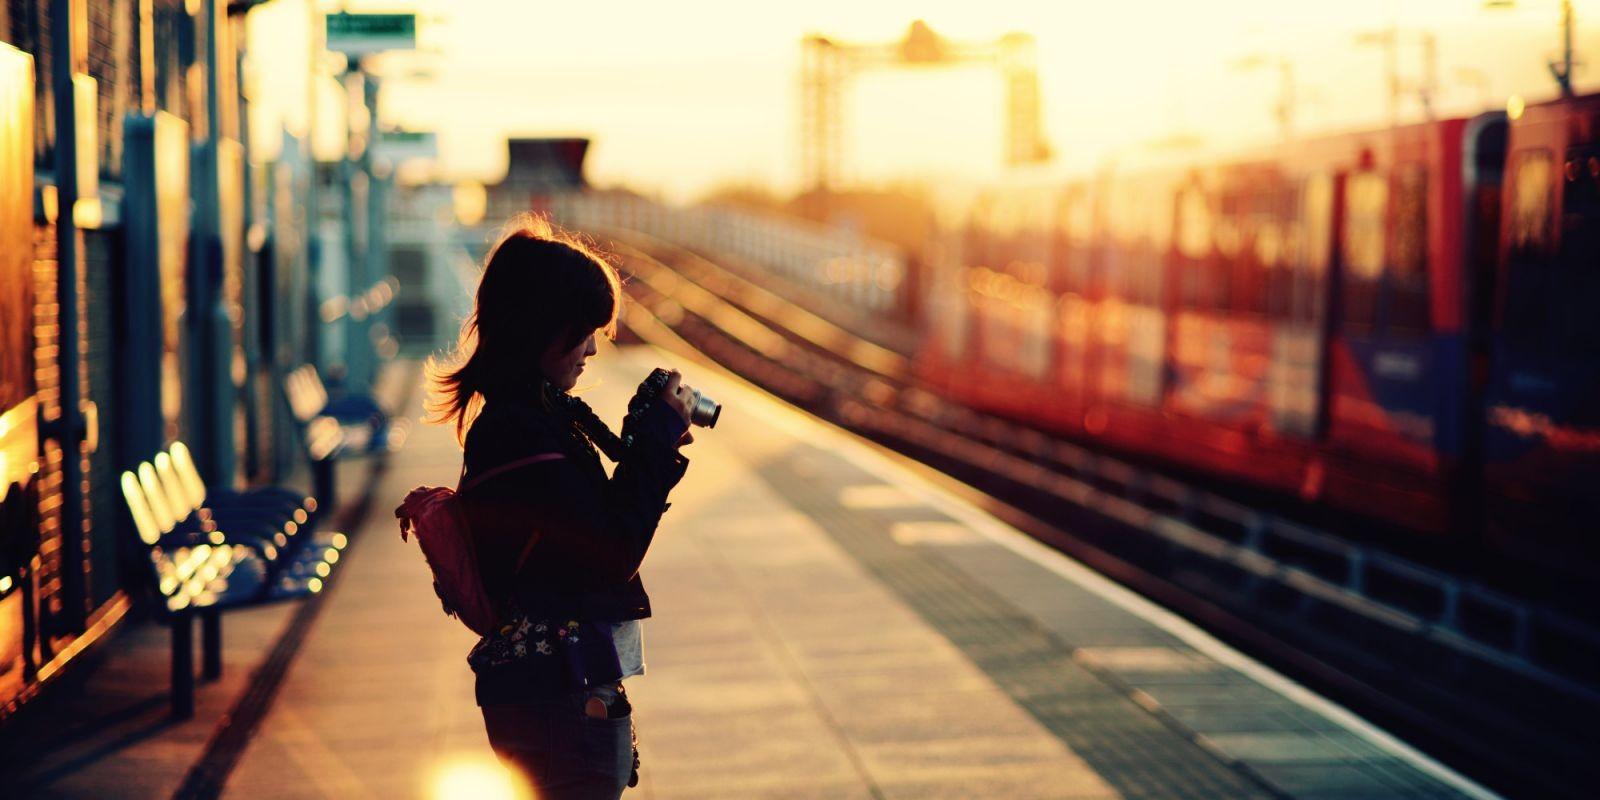 Du lịch một mình em sẽ không có ai thân thích bên cạnh